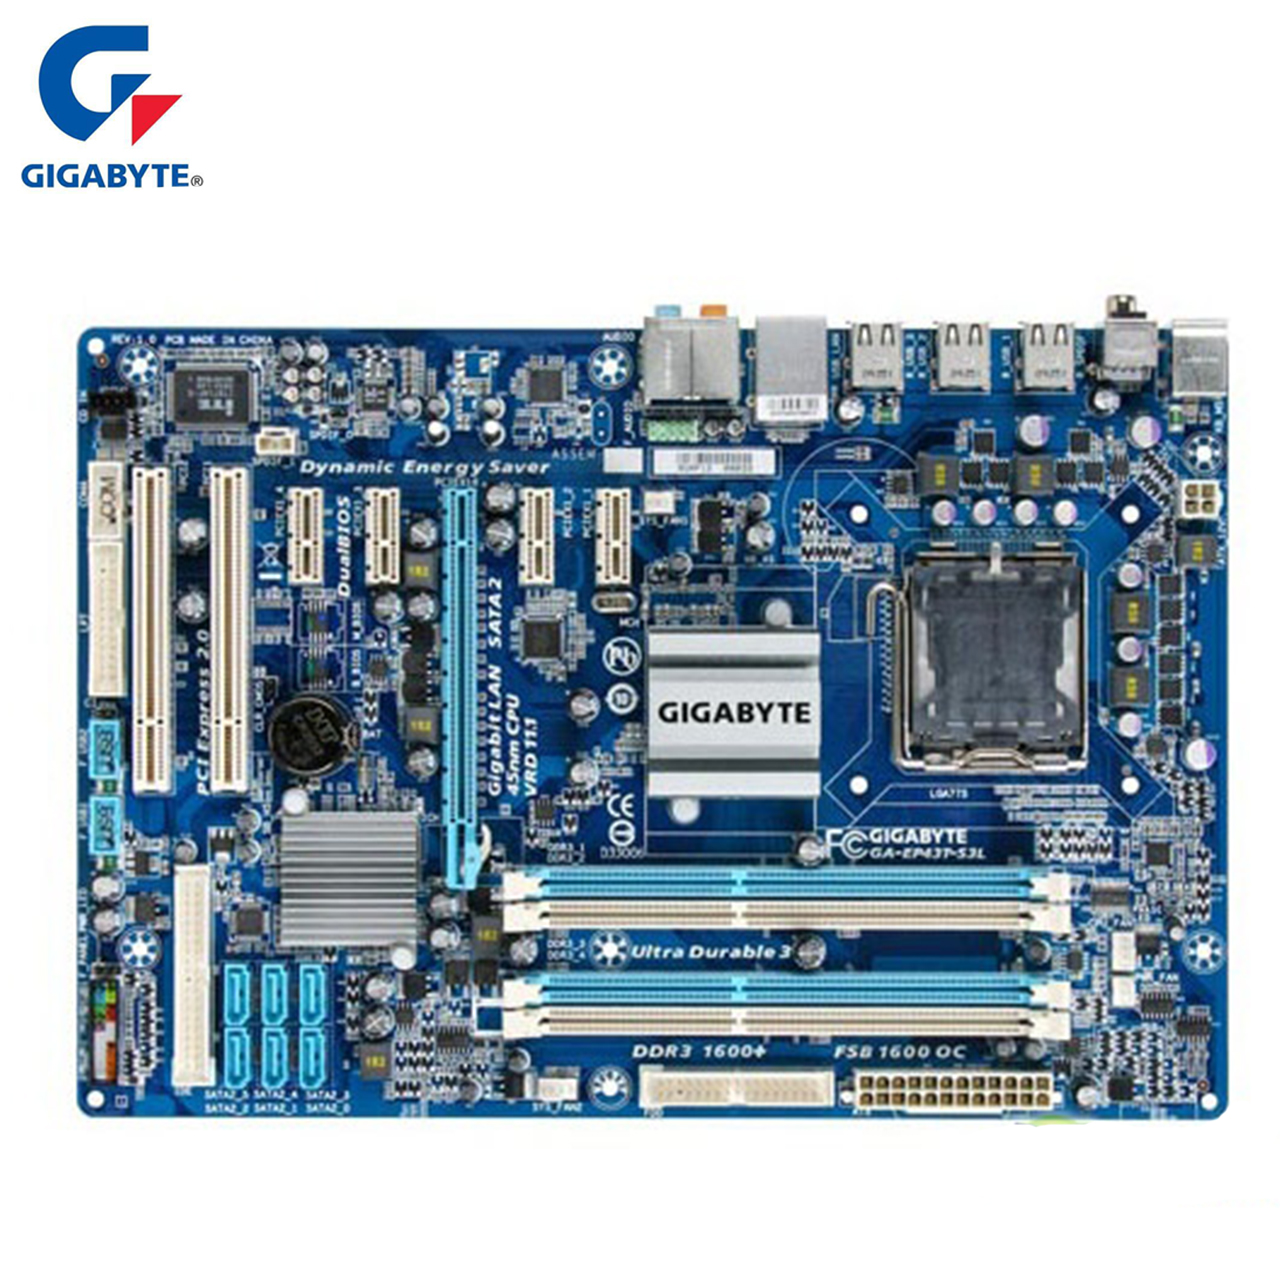 Интернет магазин товары для всей семьи HTB1JL2.d3aTBuNjSszfq6xgfpXaU Gigabyte GA-EP43T-S3L 100% Оригинал материнская плата LGA 775 DDR3 USB2.0 16G P43 EP43T-S3L настольная материнаская плата SATA II Systemboard используется